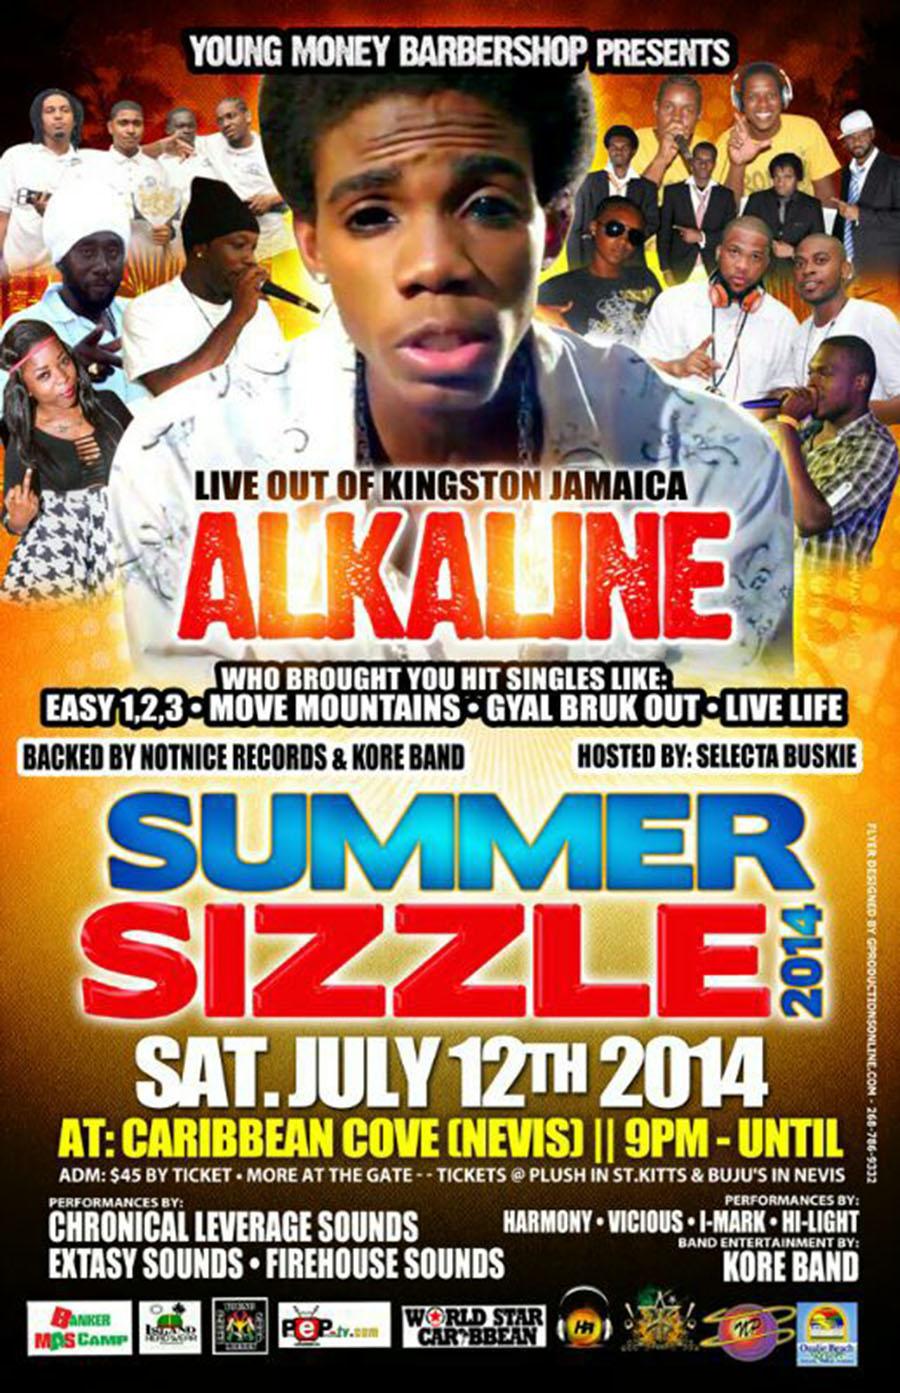 SummerSizzle-Alkaline-XL